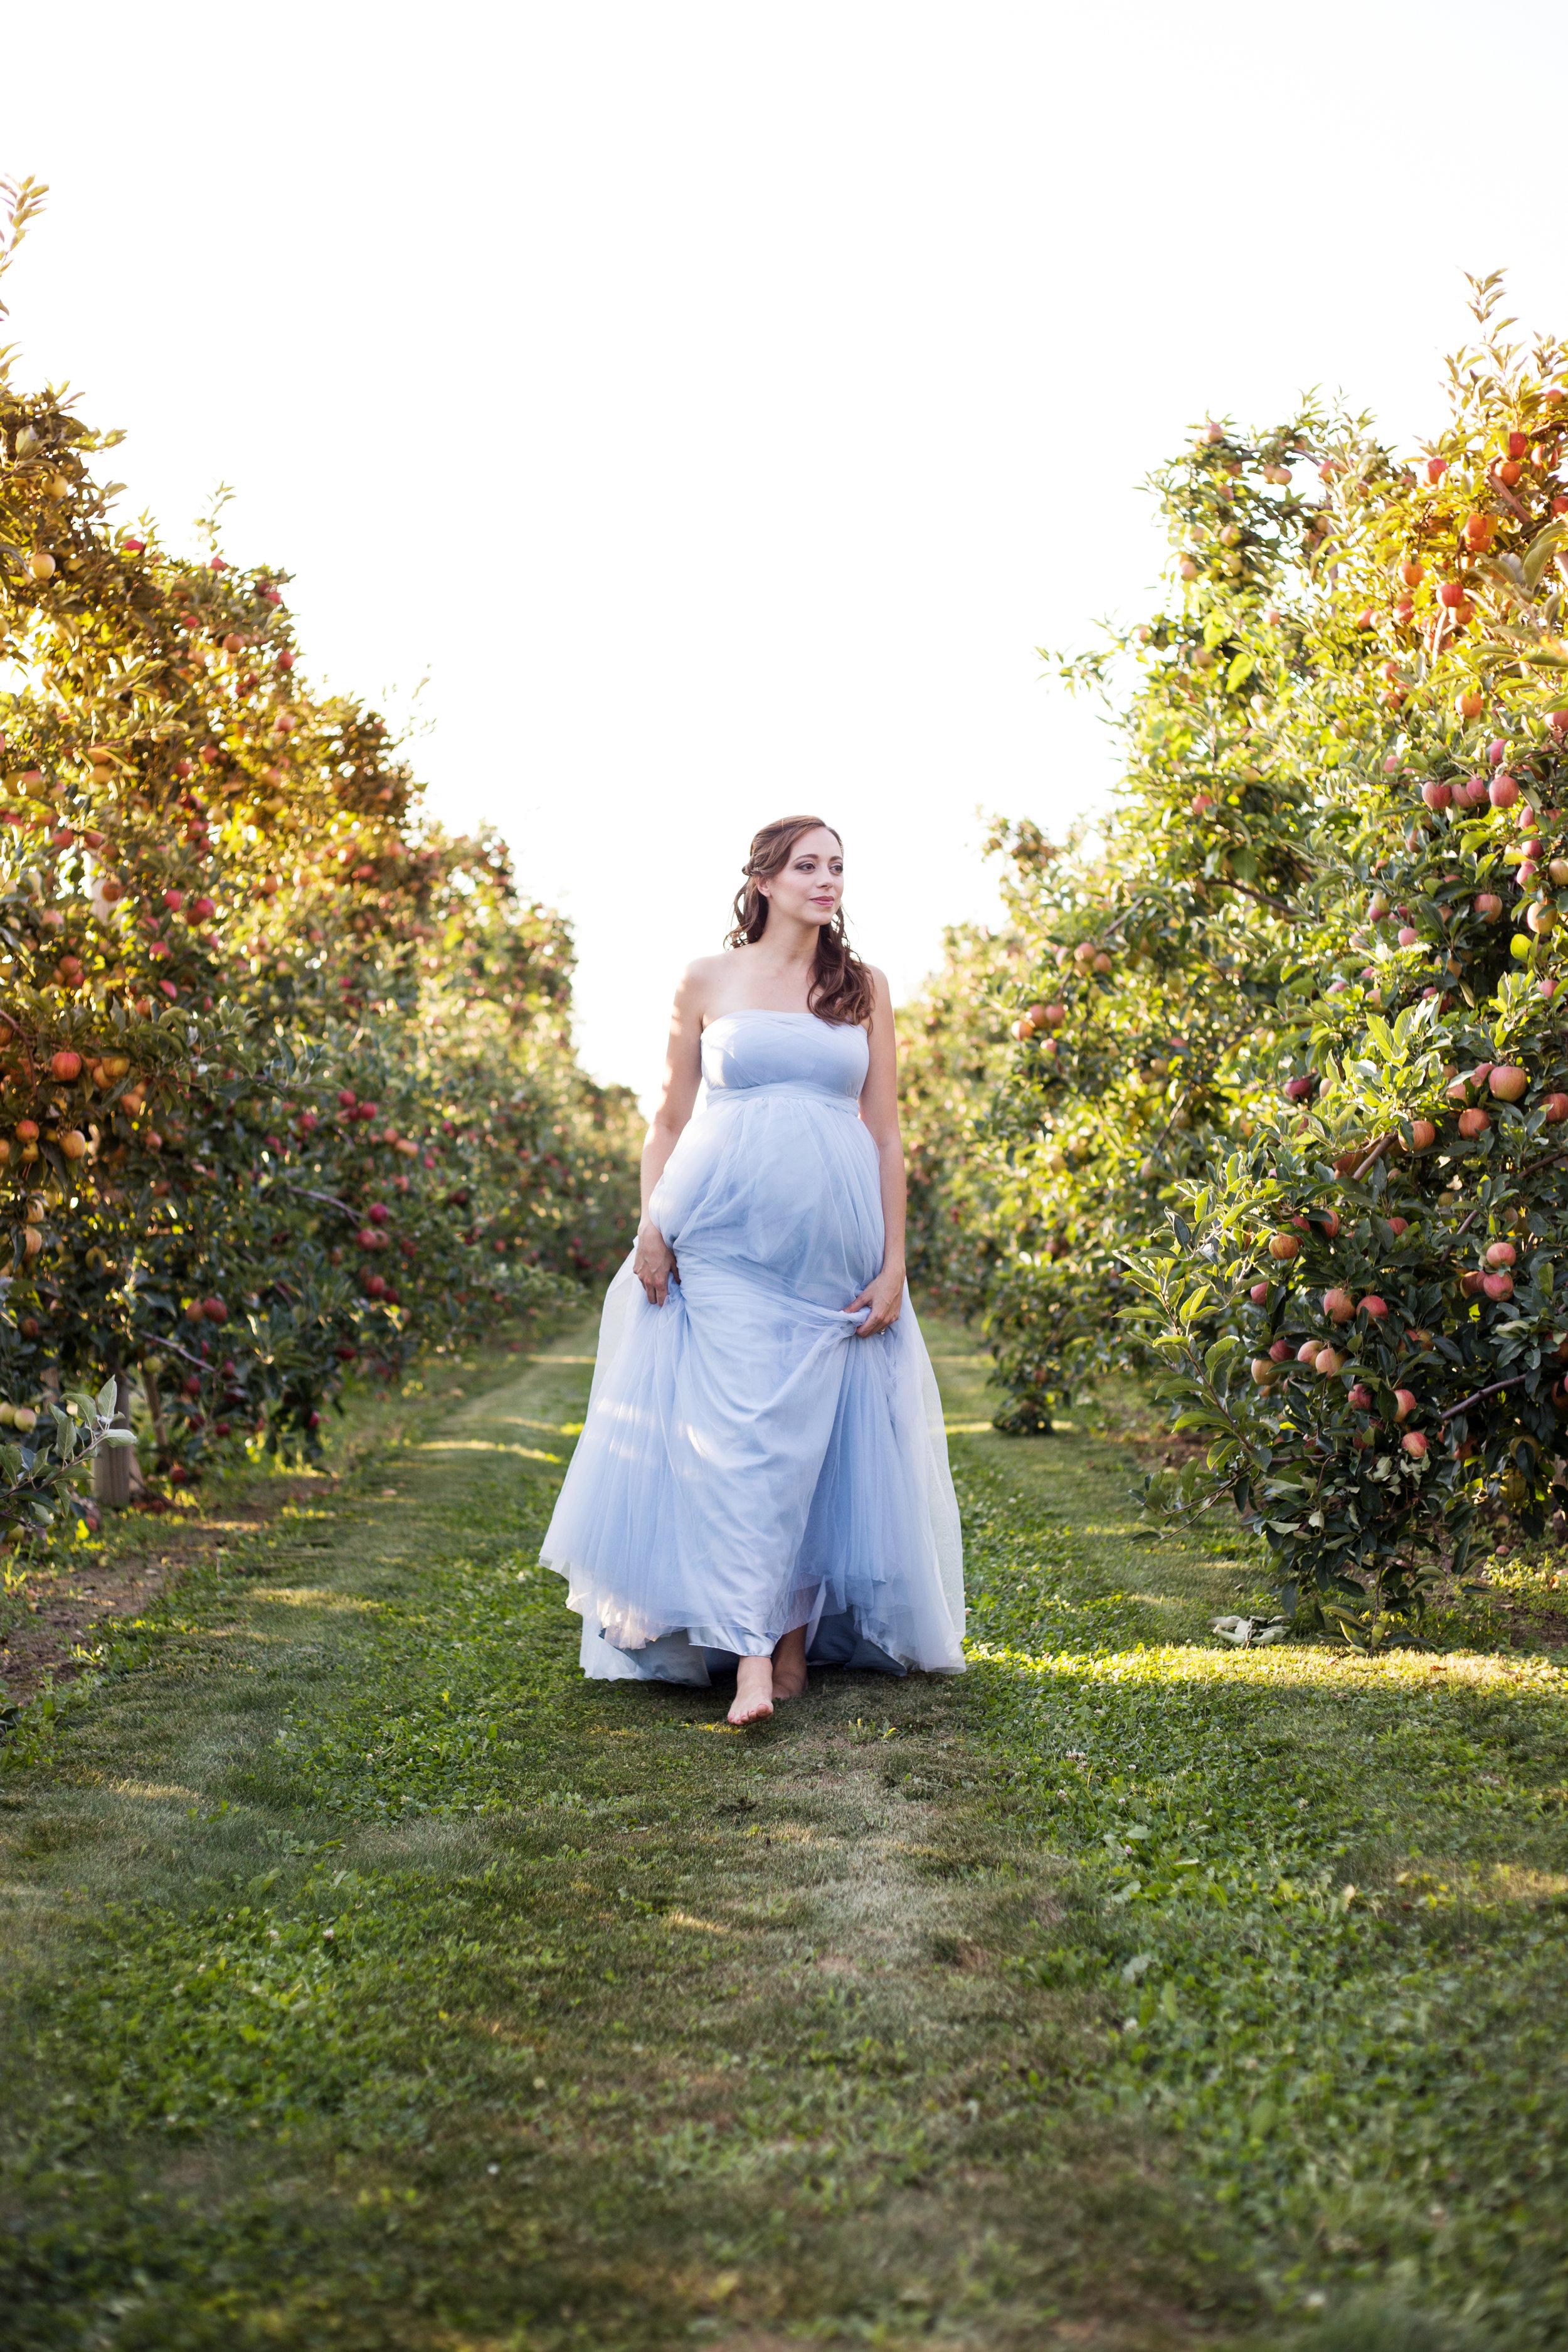 HeatherAnnMakeup_Maternity_makeupArtist_LongIsland_6.jpg